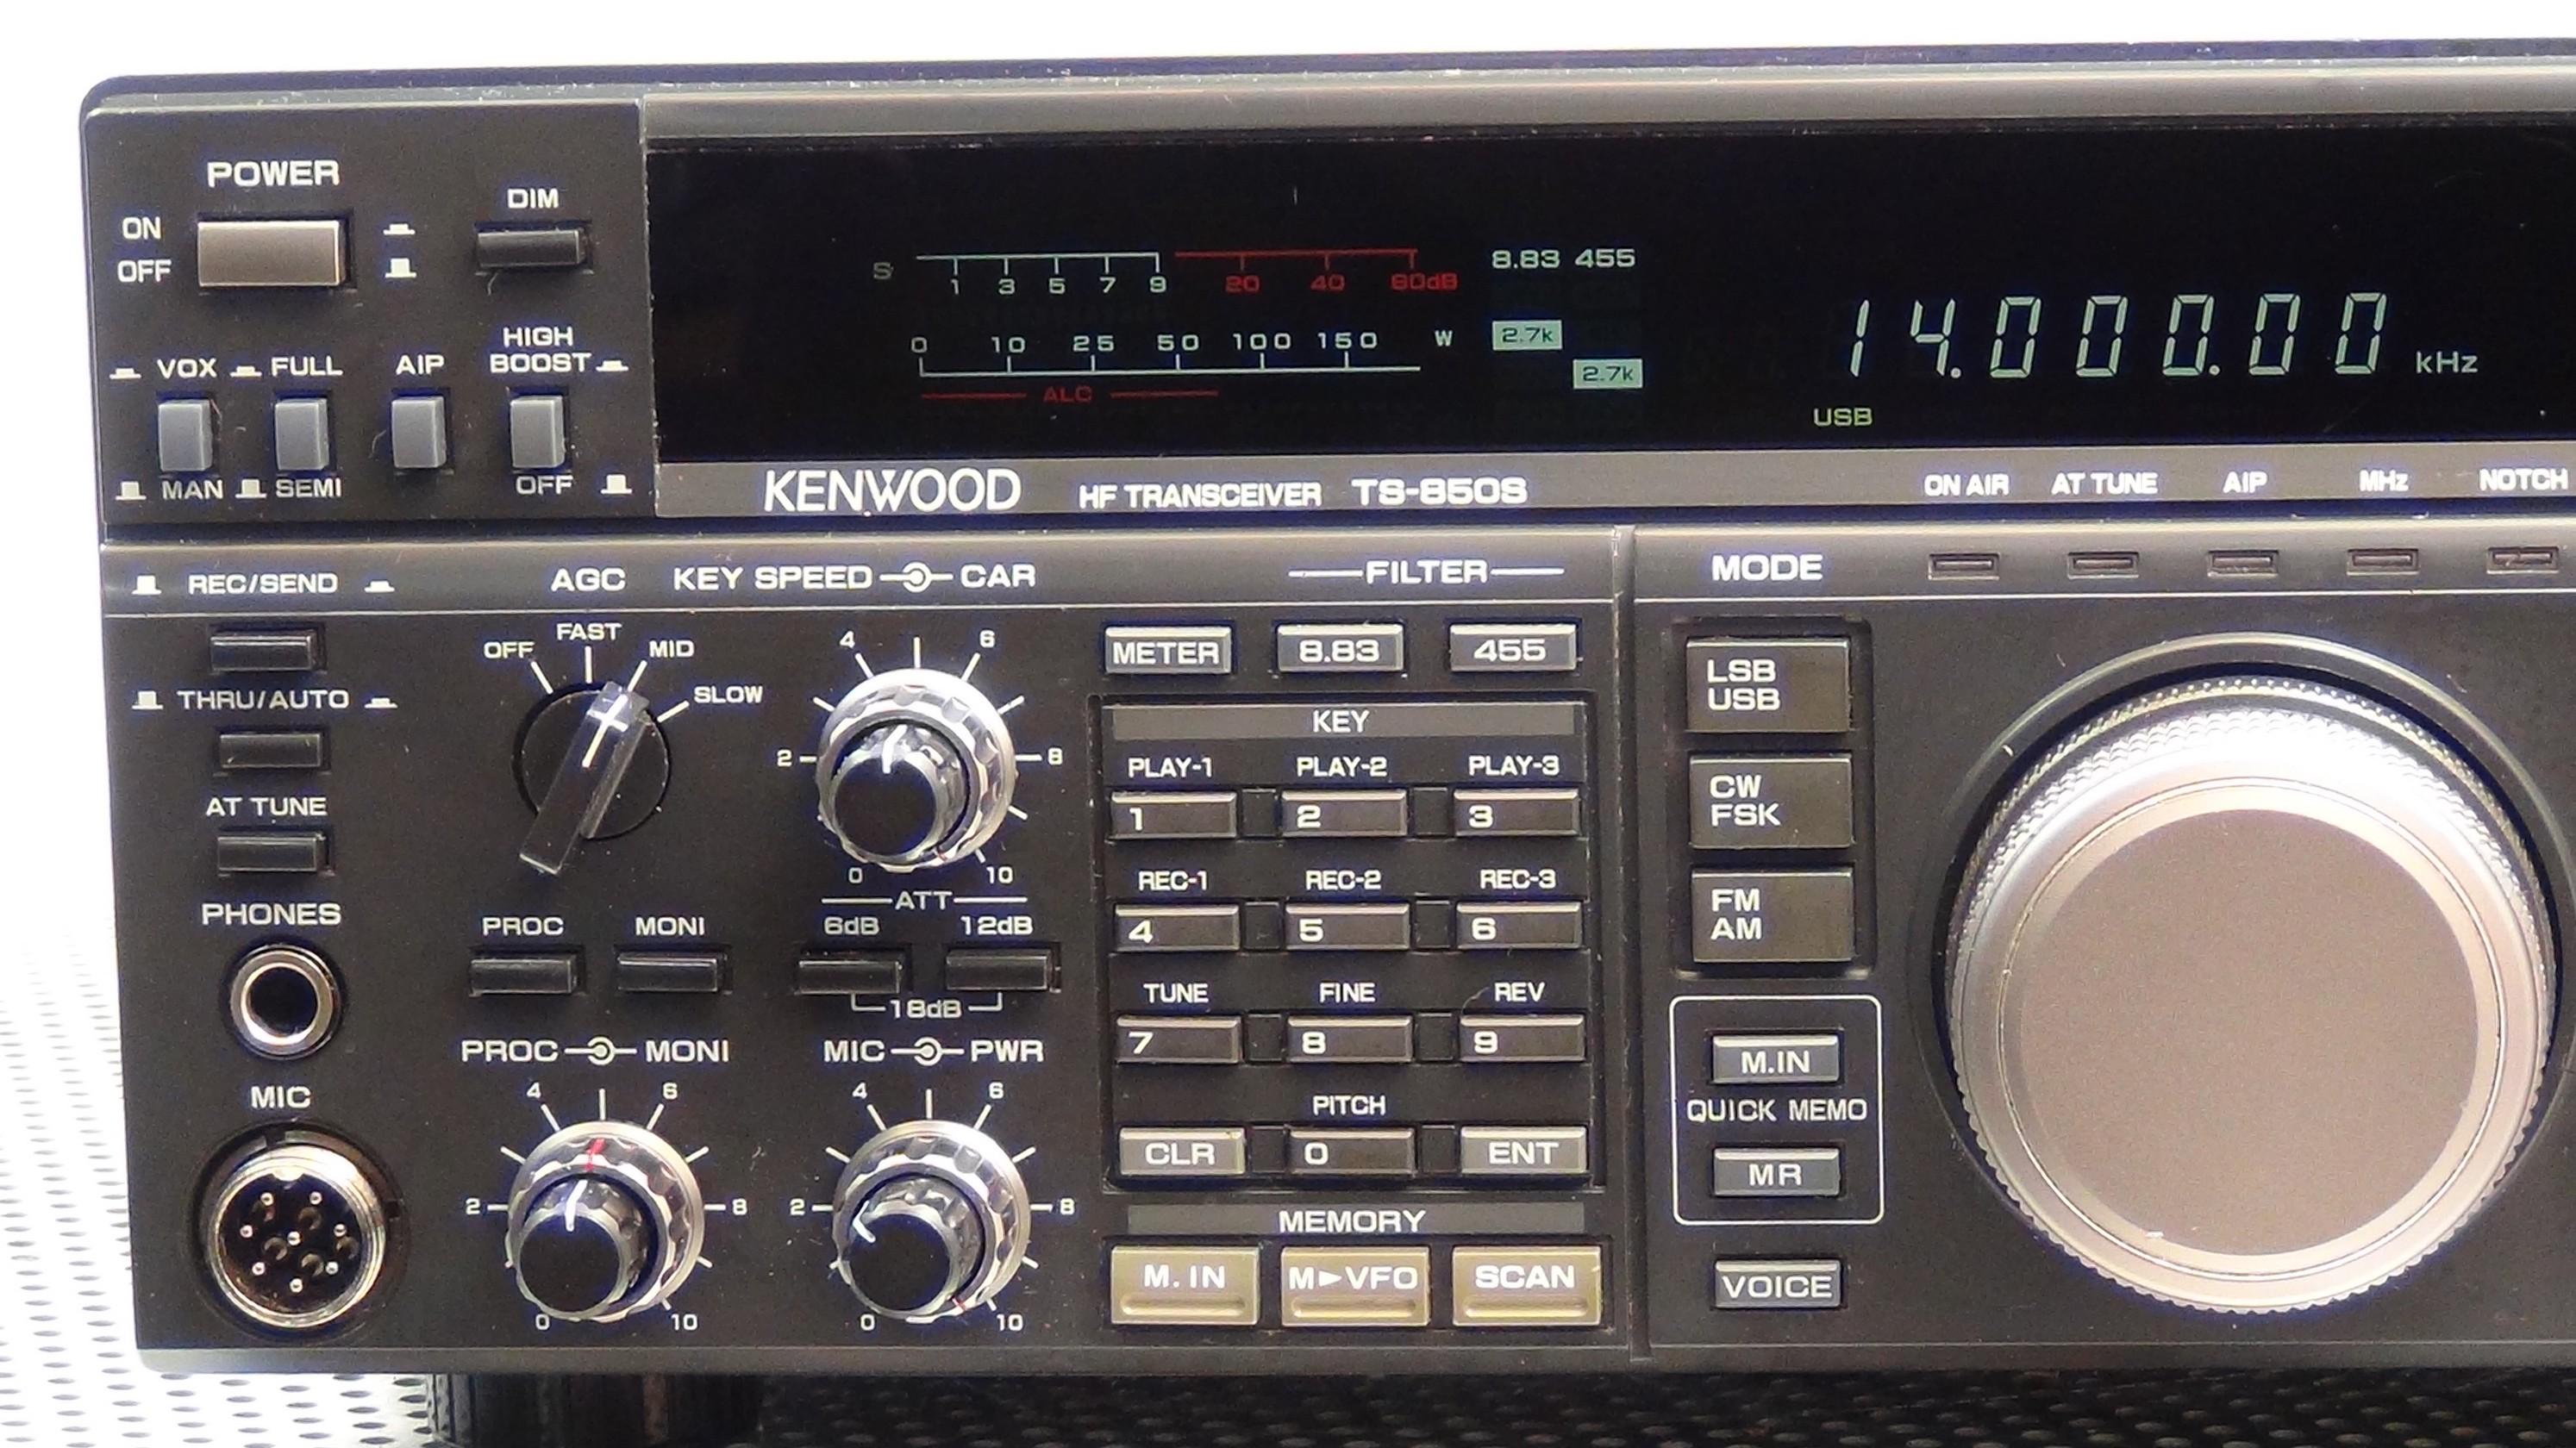 Kenwood TS-850SAT Transceiver